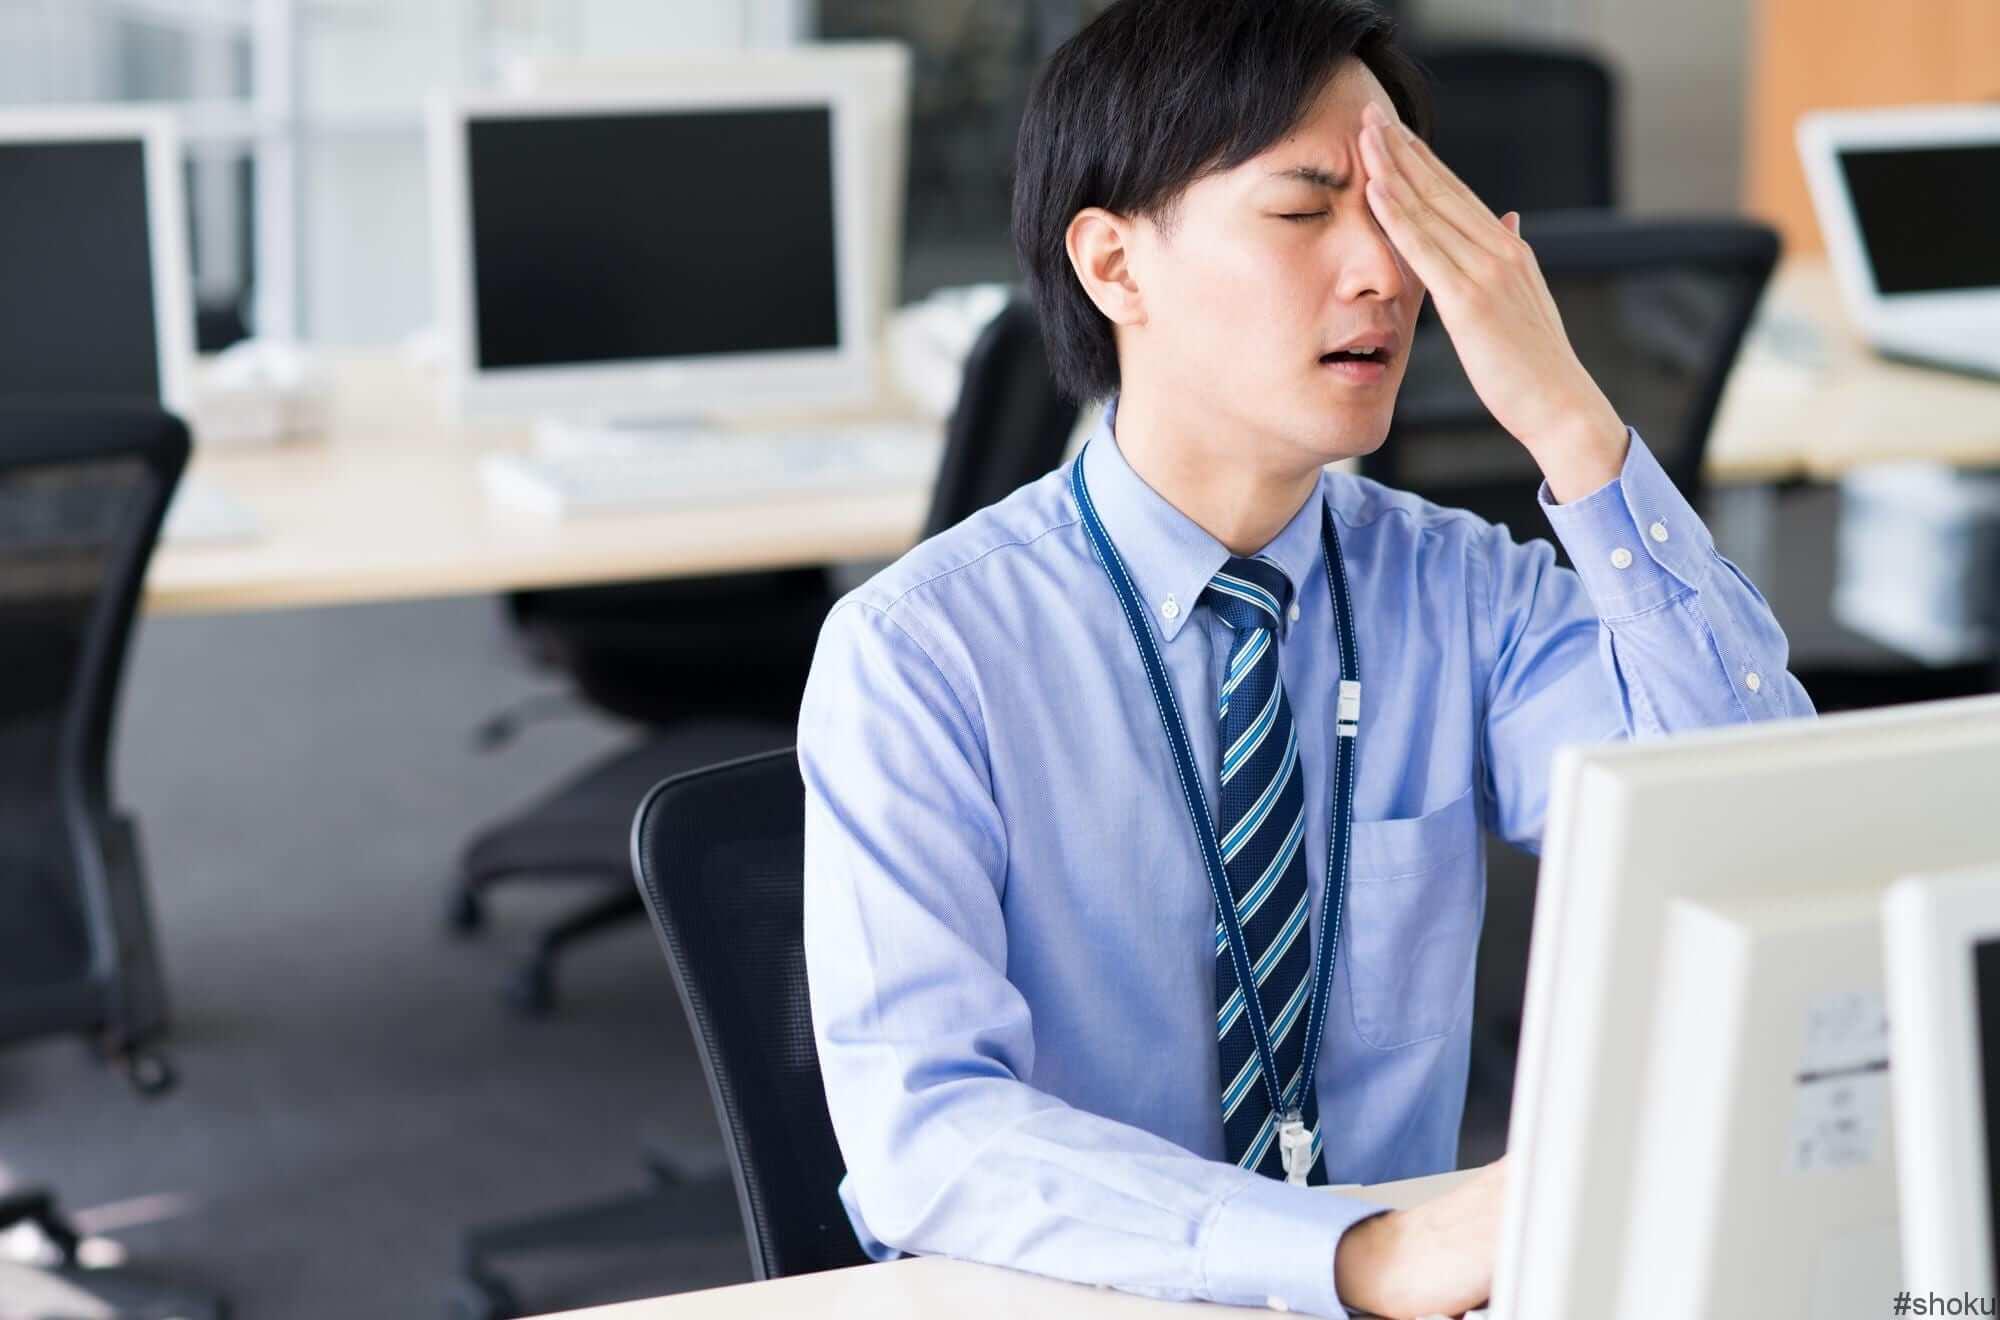 男性が総務事務として働く際の3つの問題